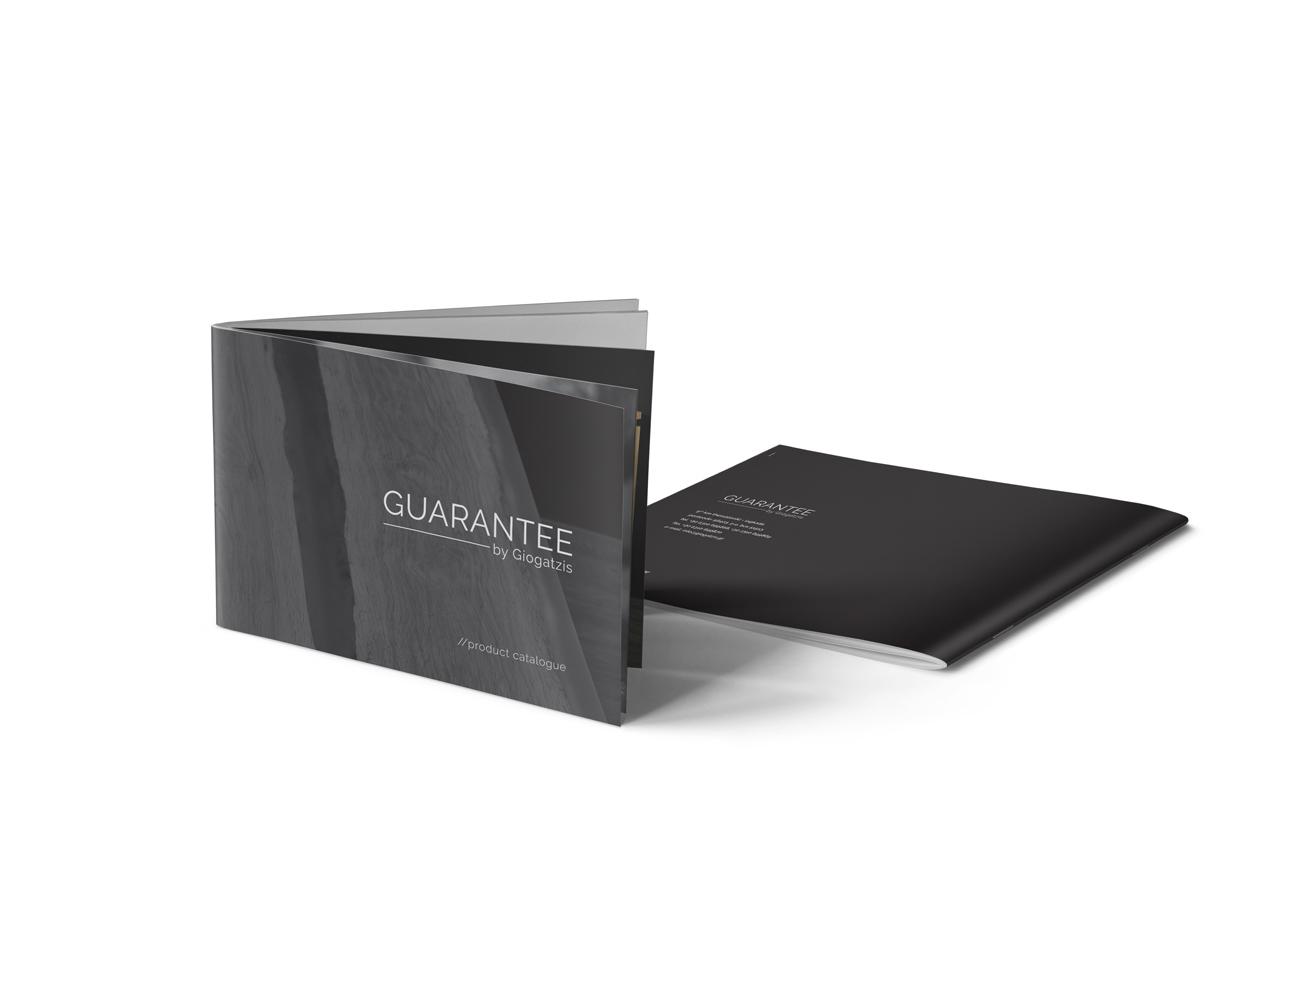 guarantee2016cataloguedesign2